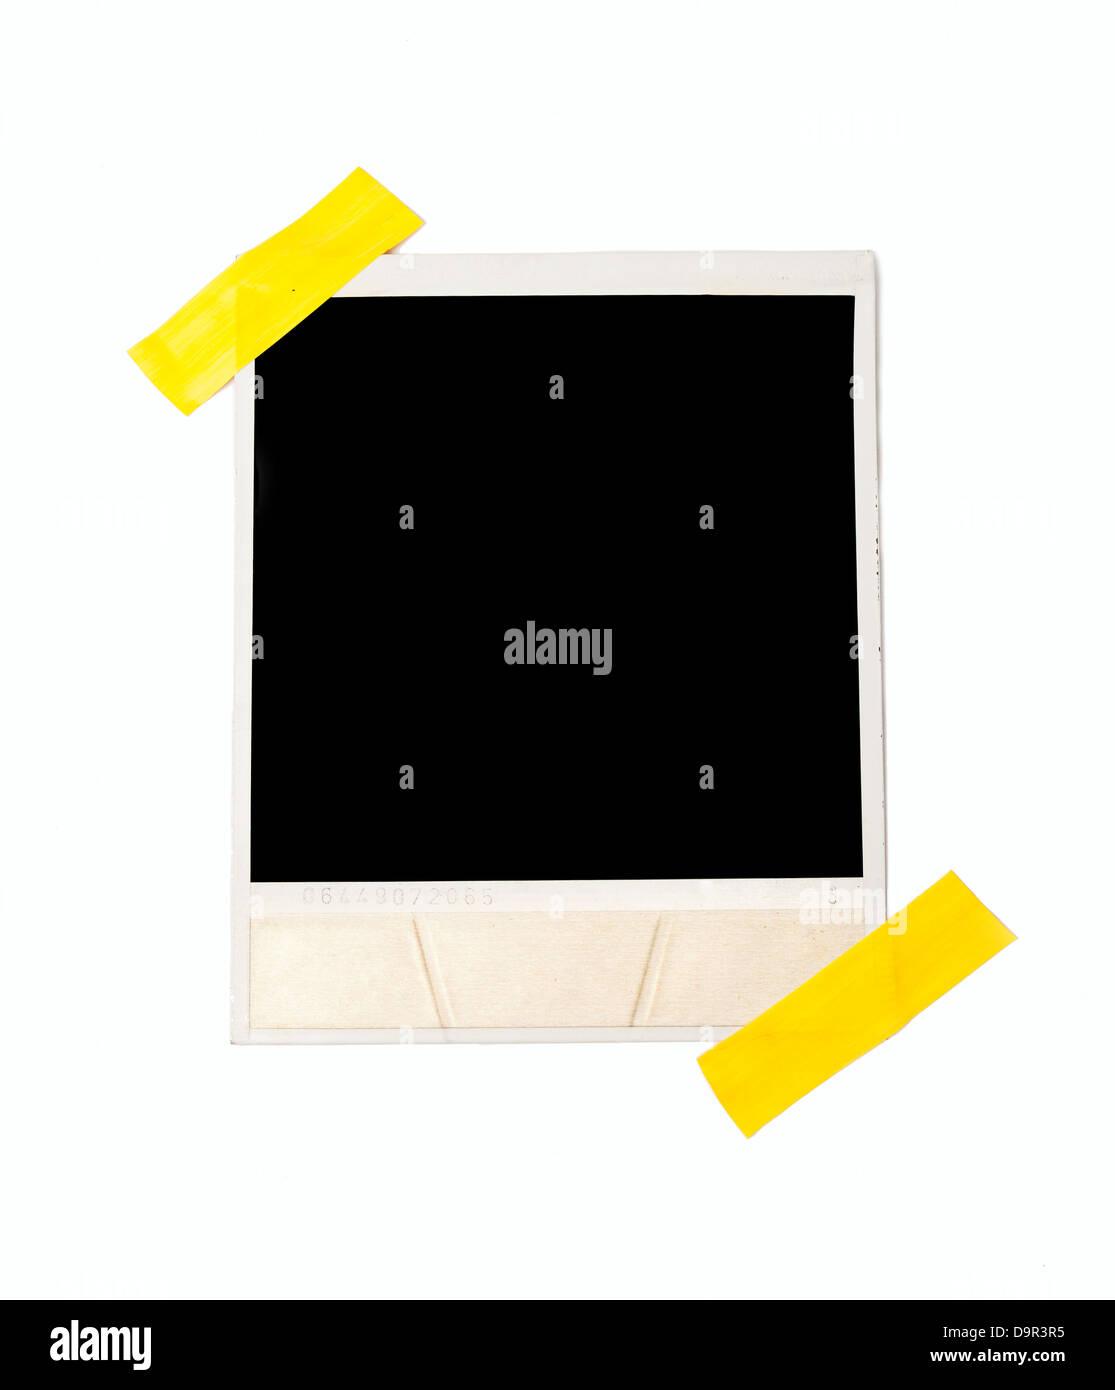 Verschweißte Polaroid-Stil Fotorahmen, isoliert auf weiss Stockfoto ...